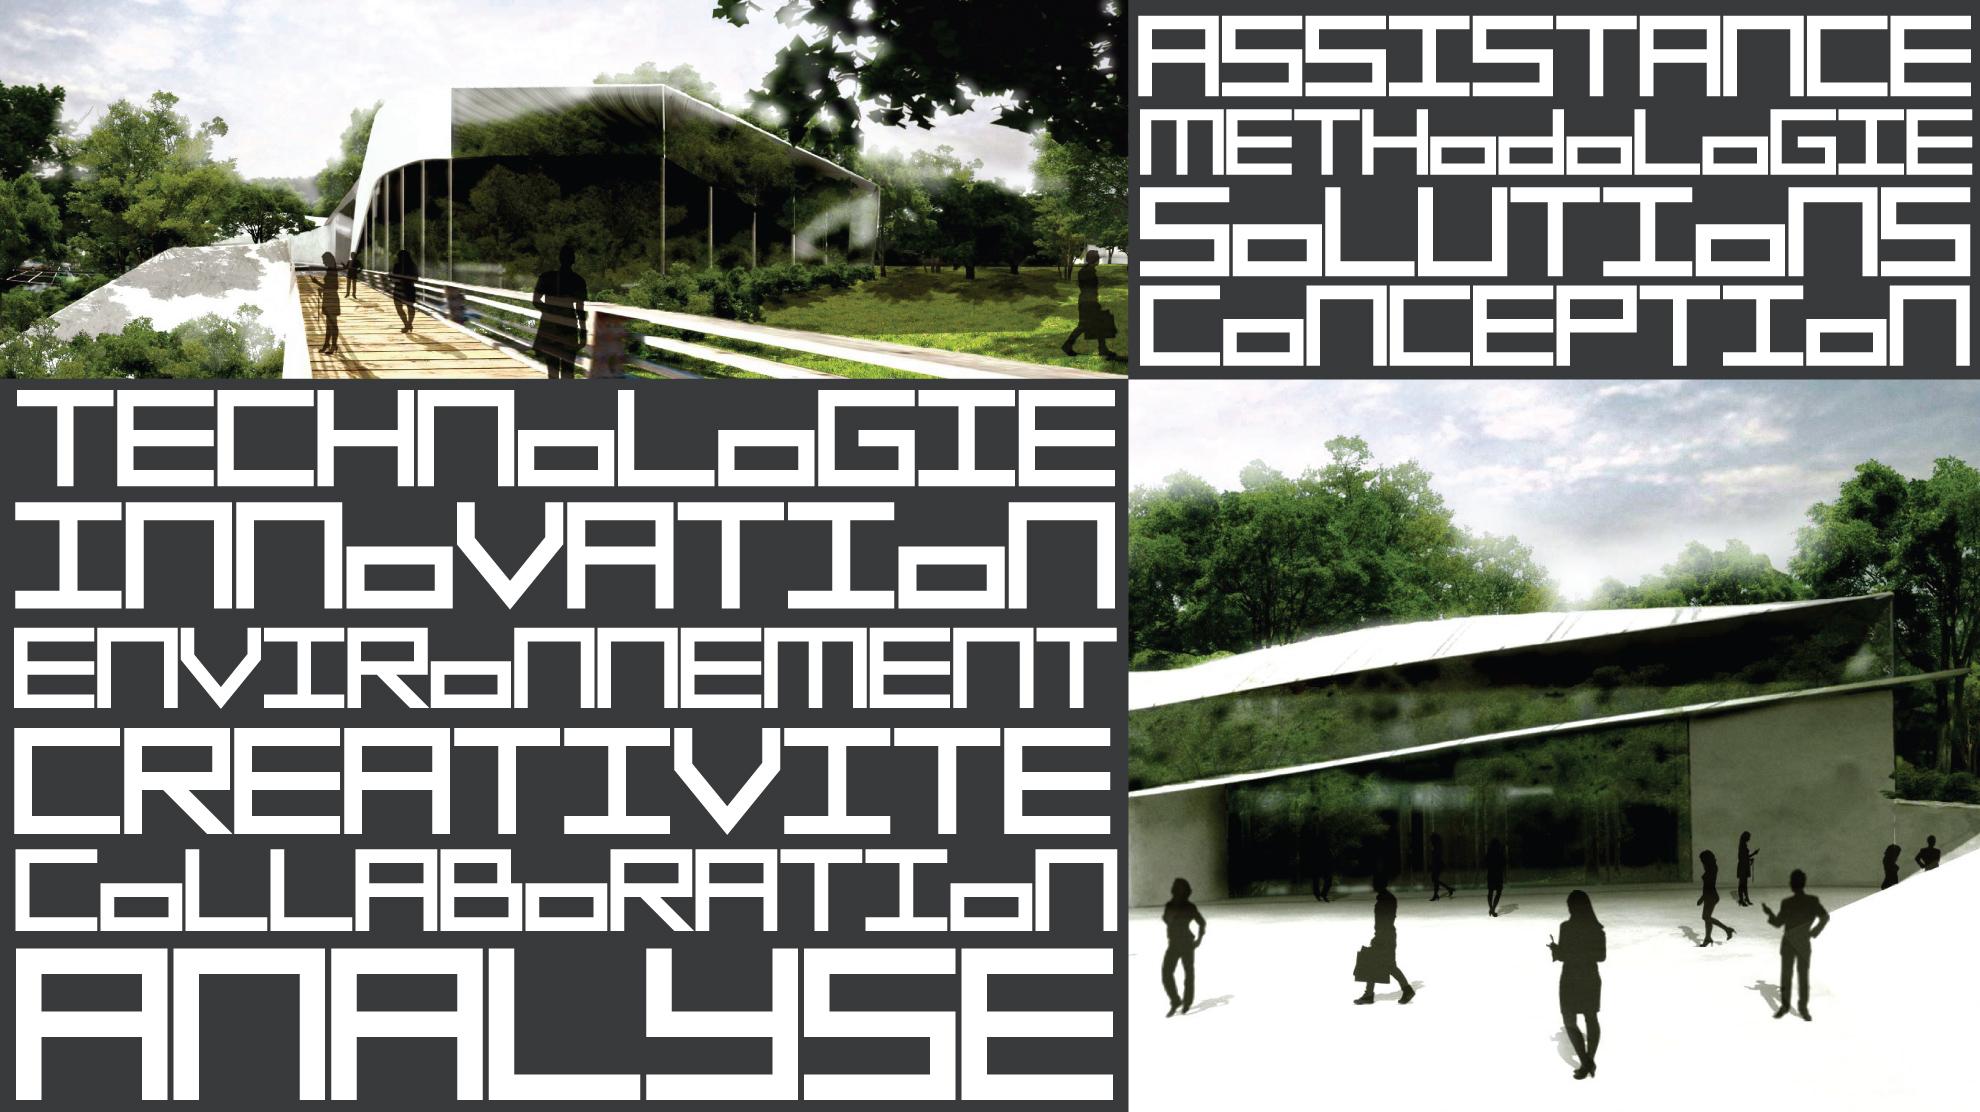 c_pa_design_produit_design_mobilier_realisation_conception_prototype_6